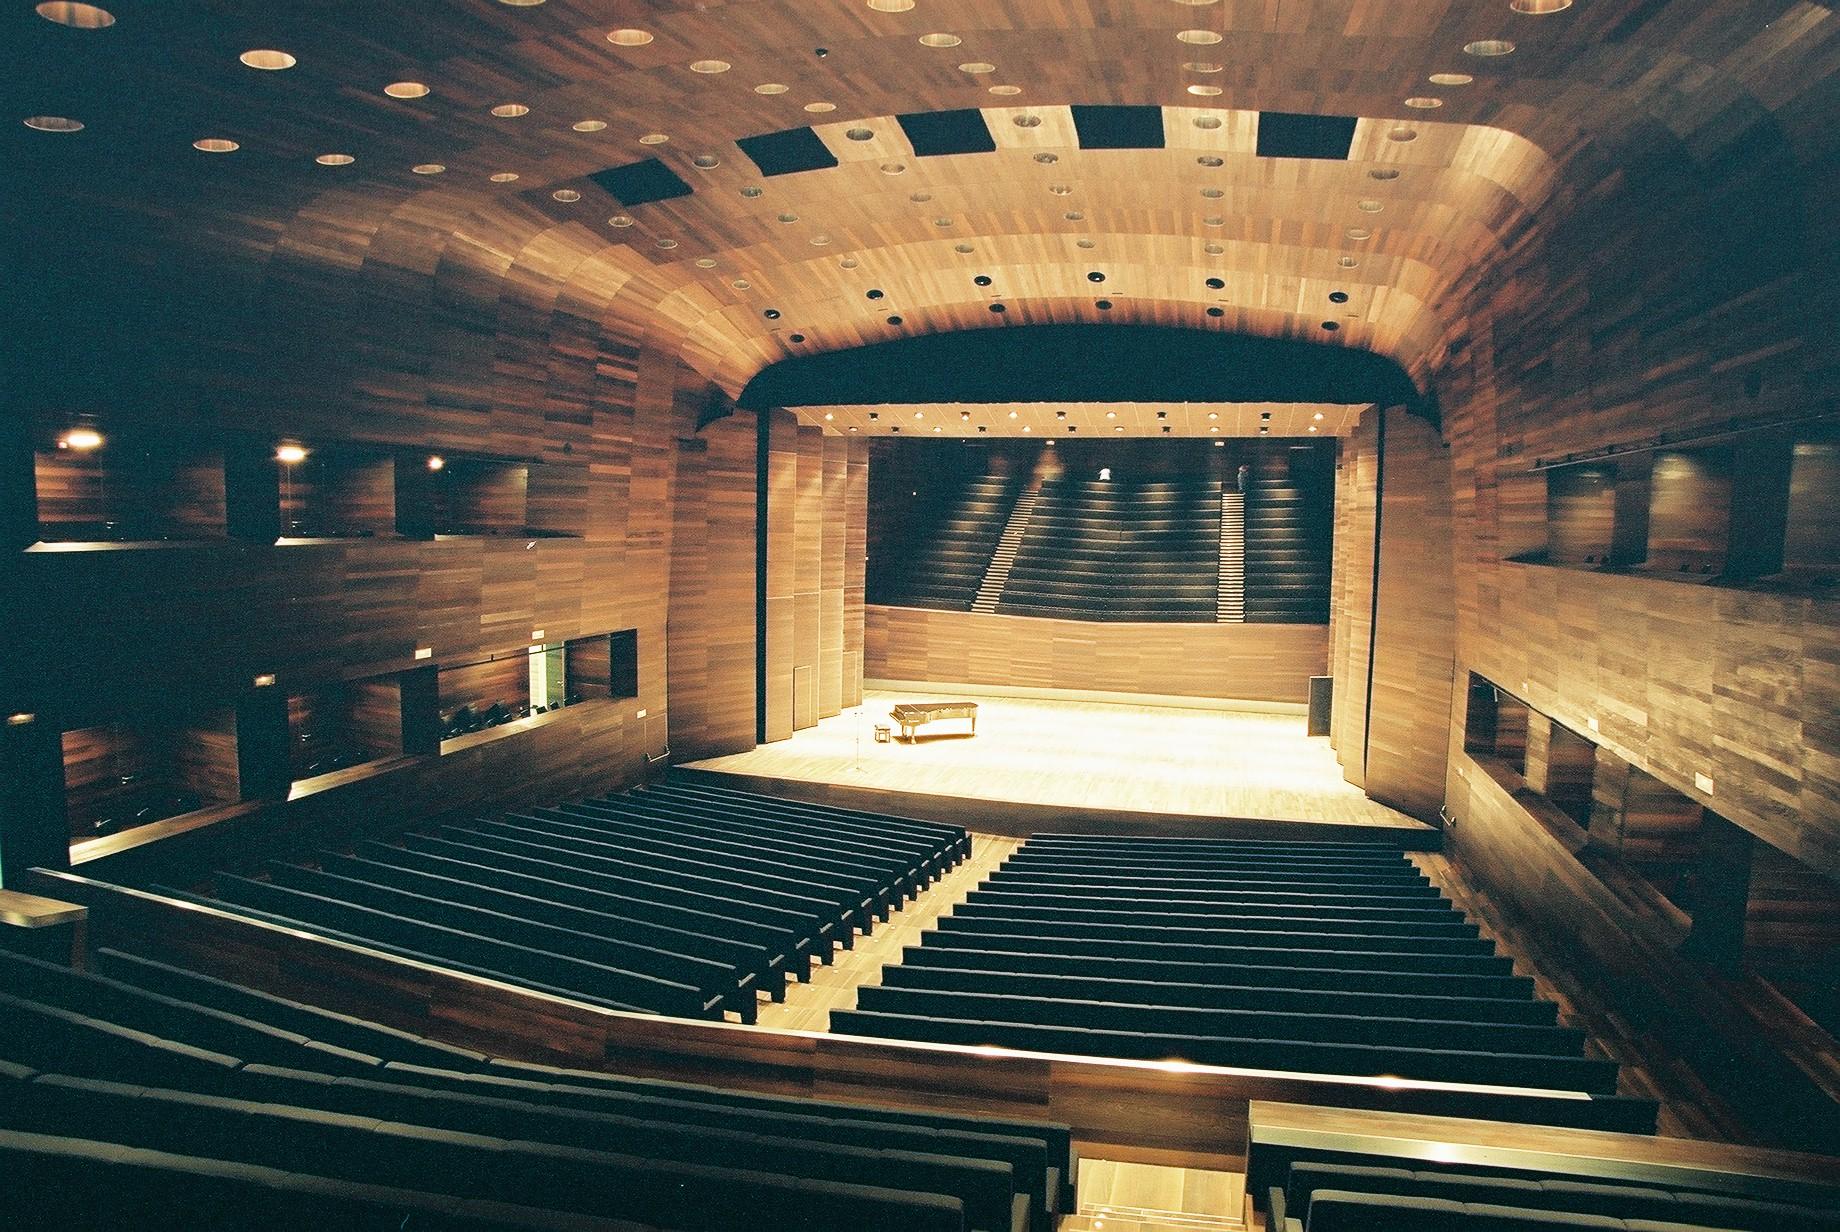 Escenario sala de conciertos